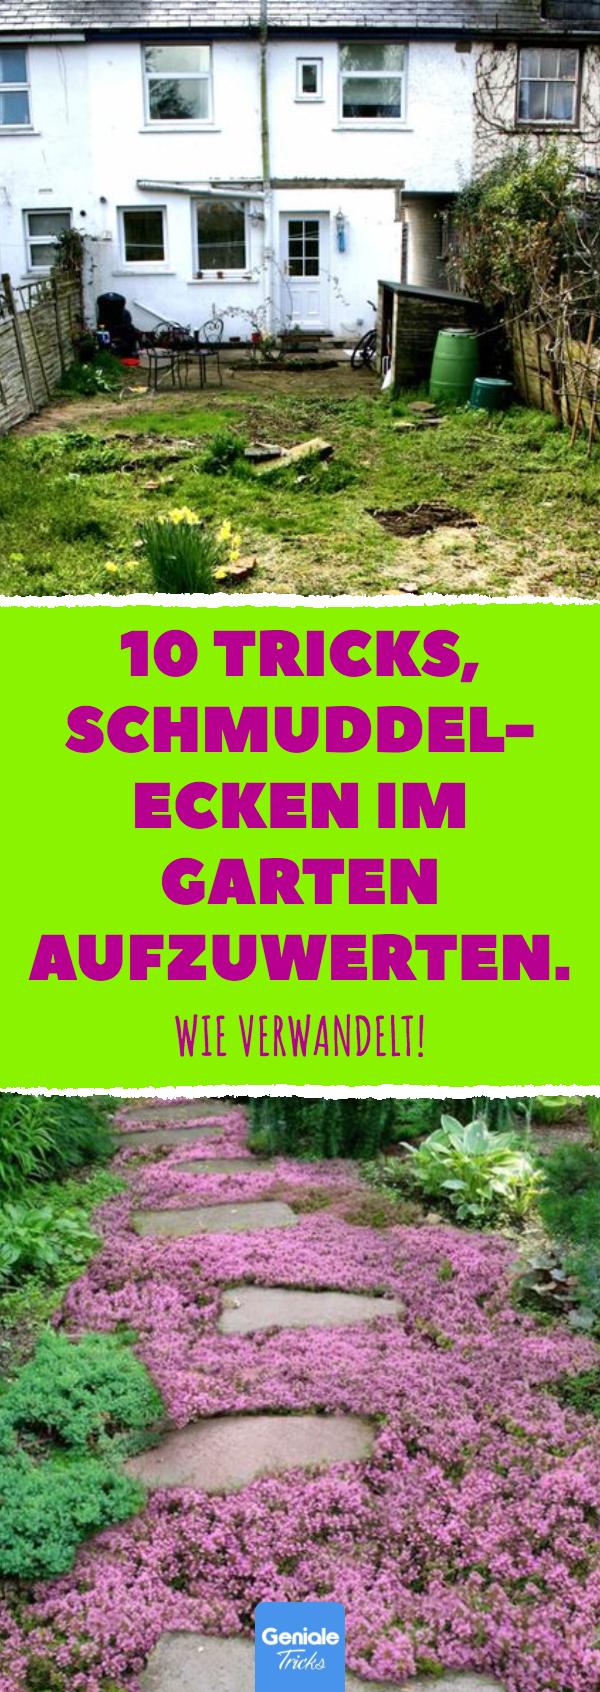 10 Tricks, Schmuddel-Ecken im Garten aufzuwerten.